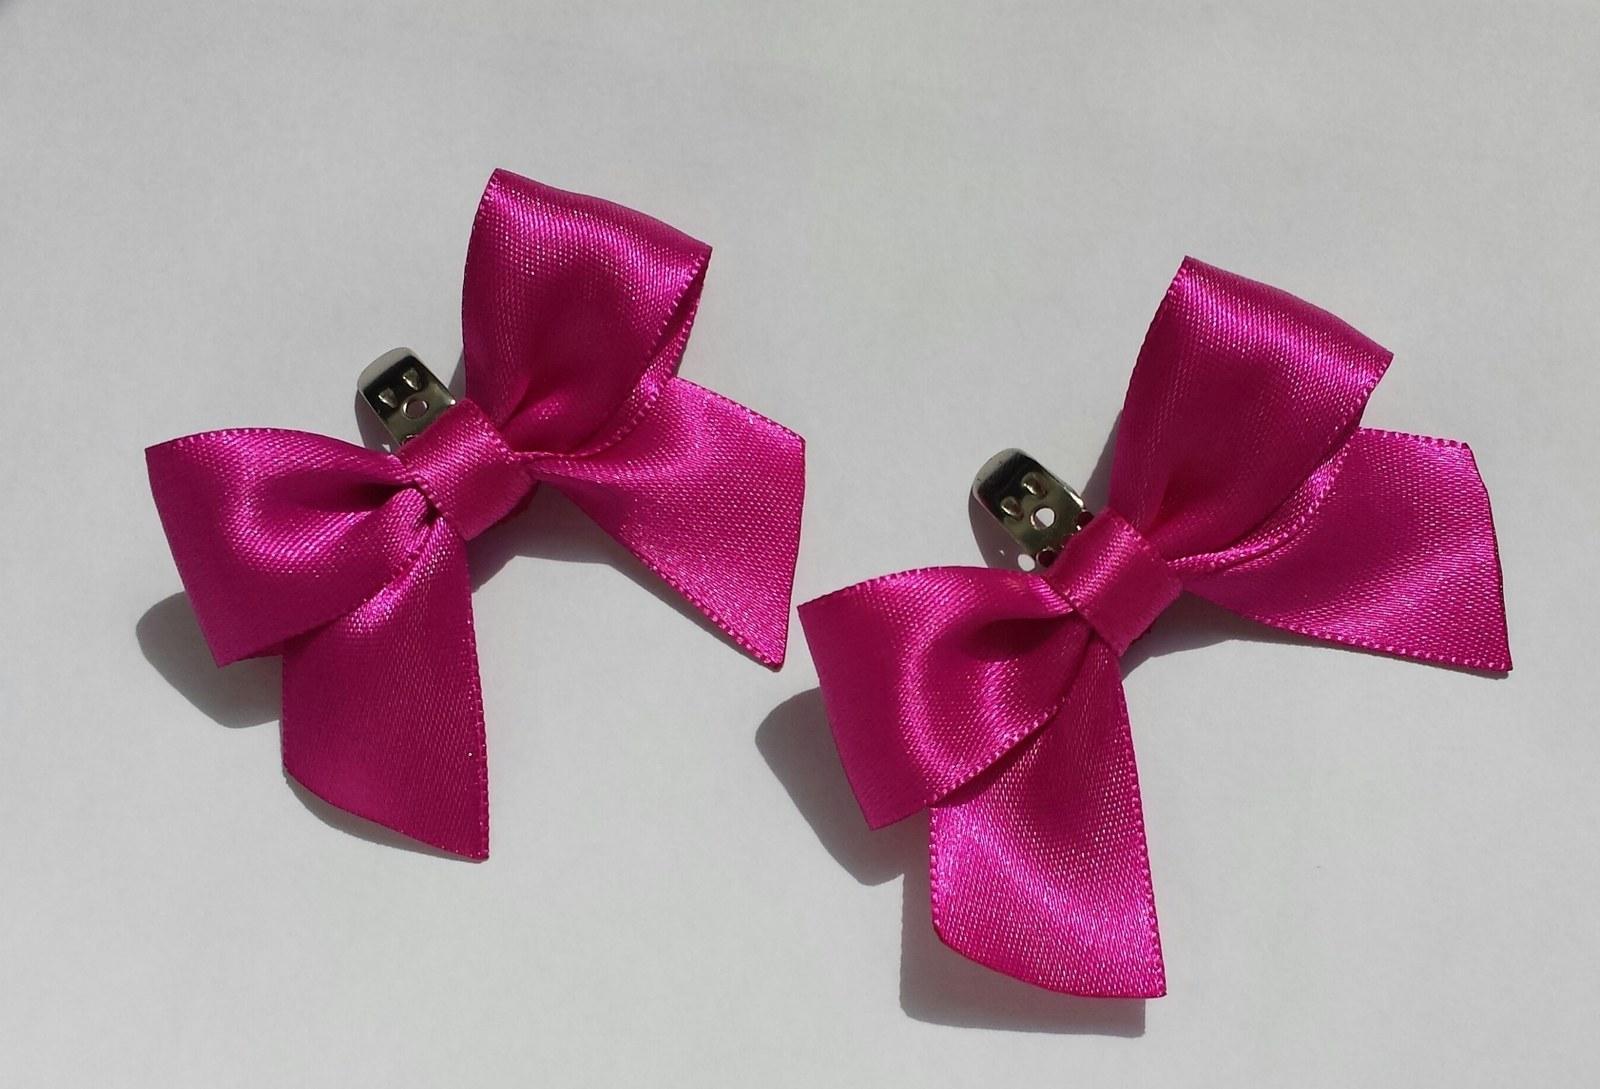 Klipy na boty pro nevěstu s FUCHSIOVOU mašličkou - Obrázek č. 1